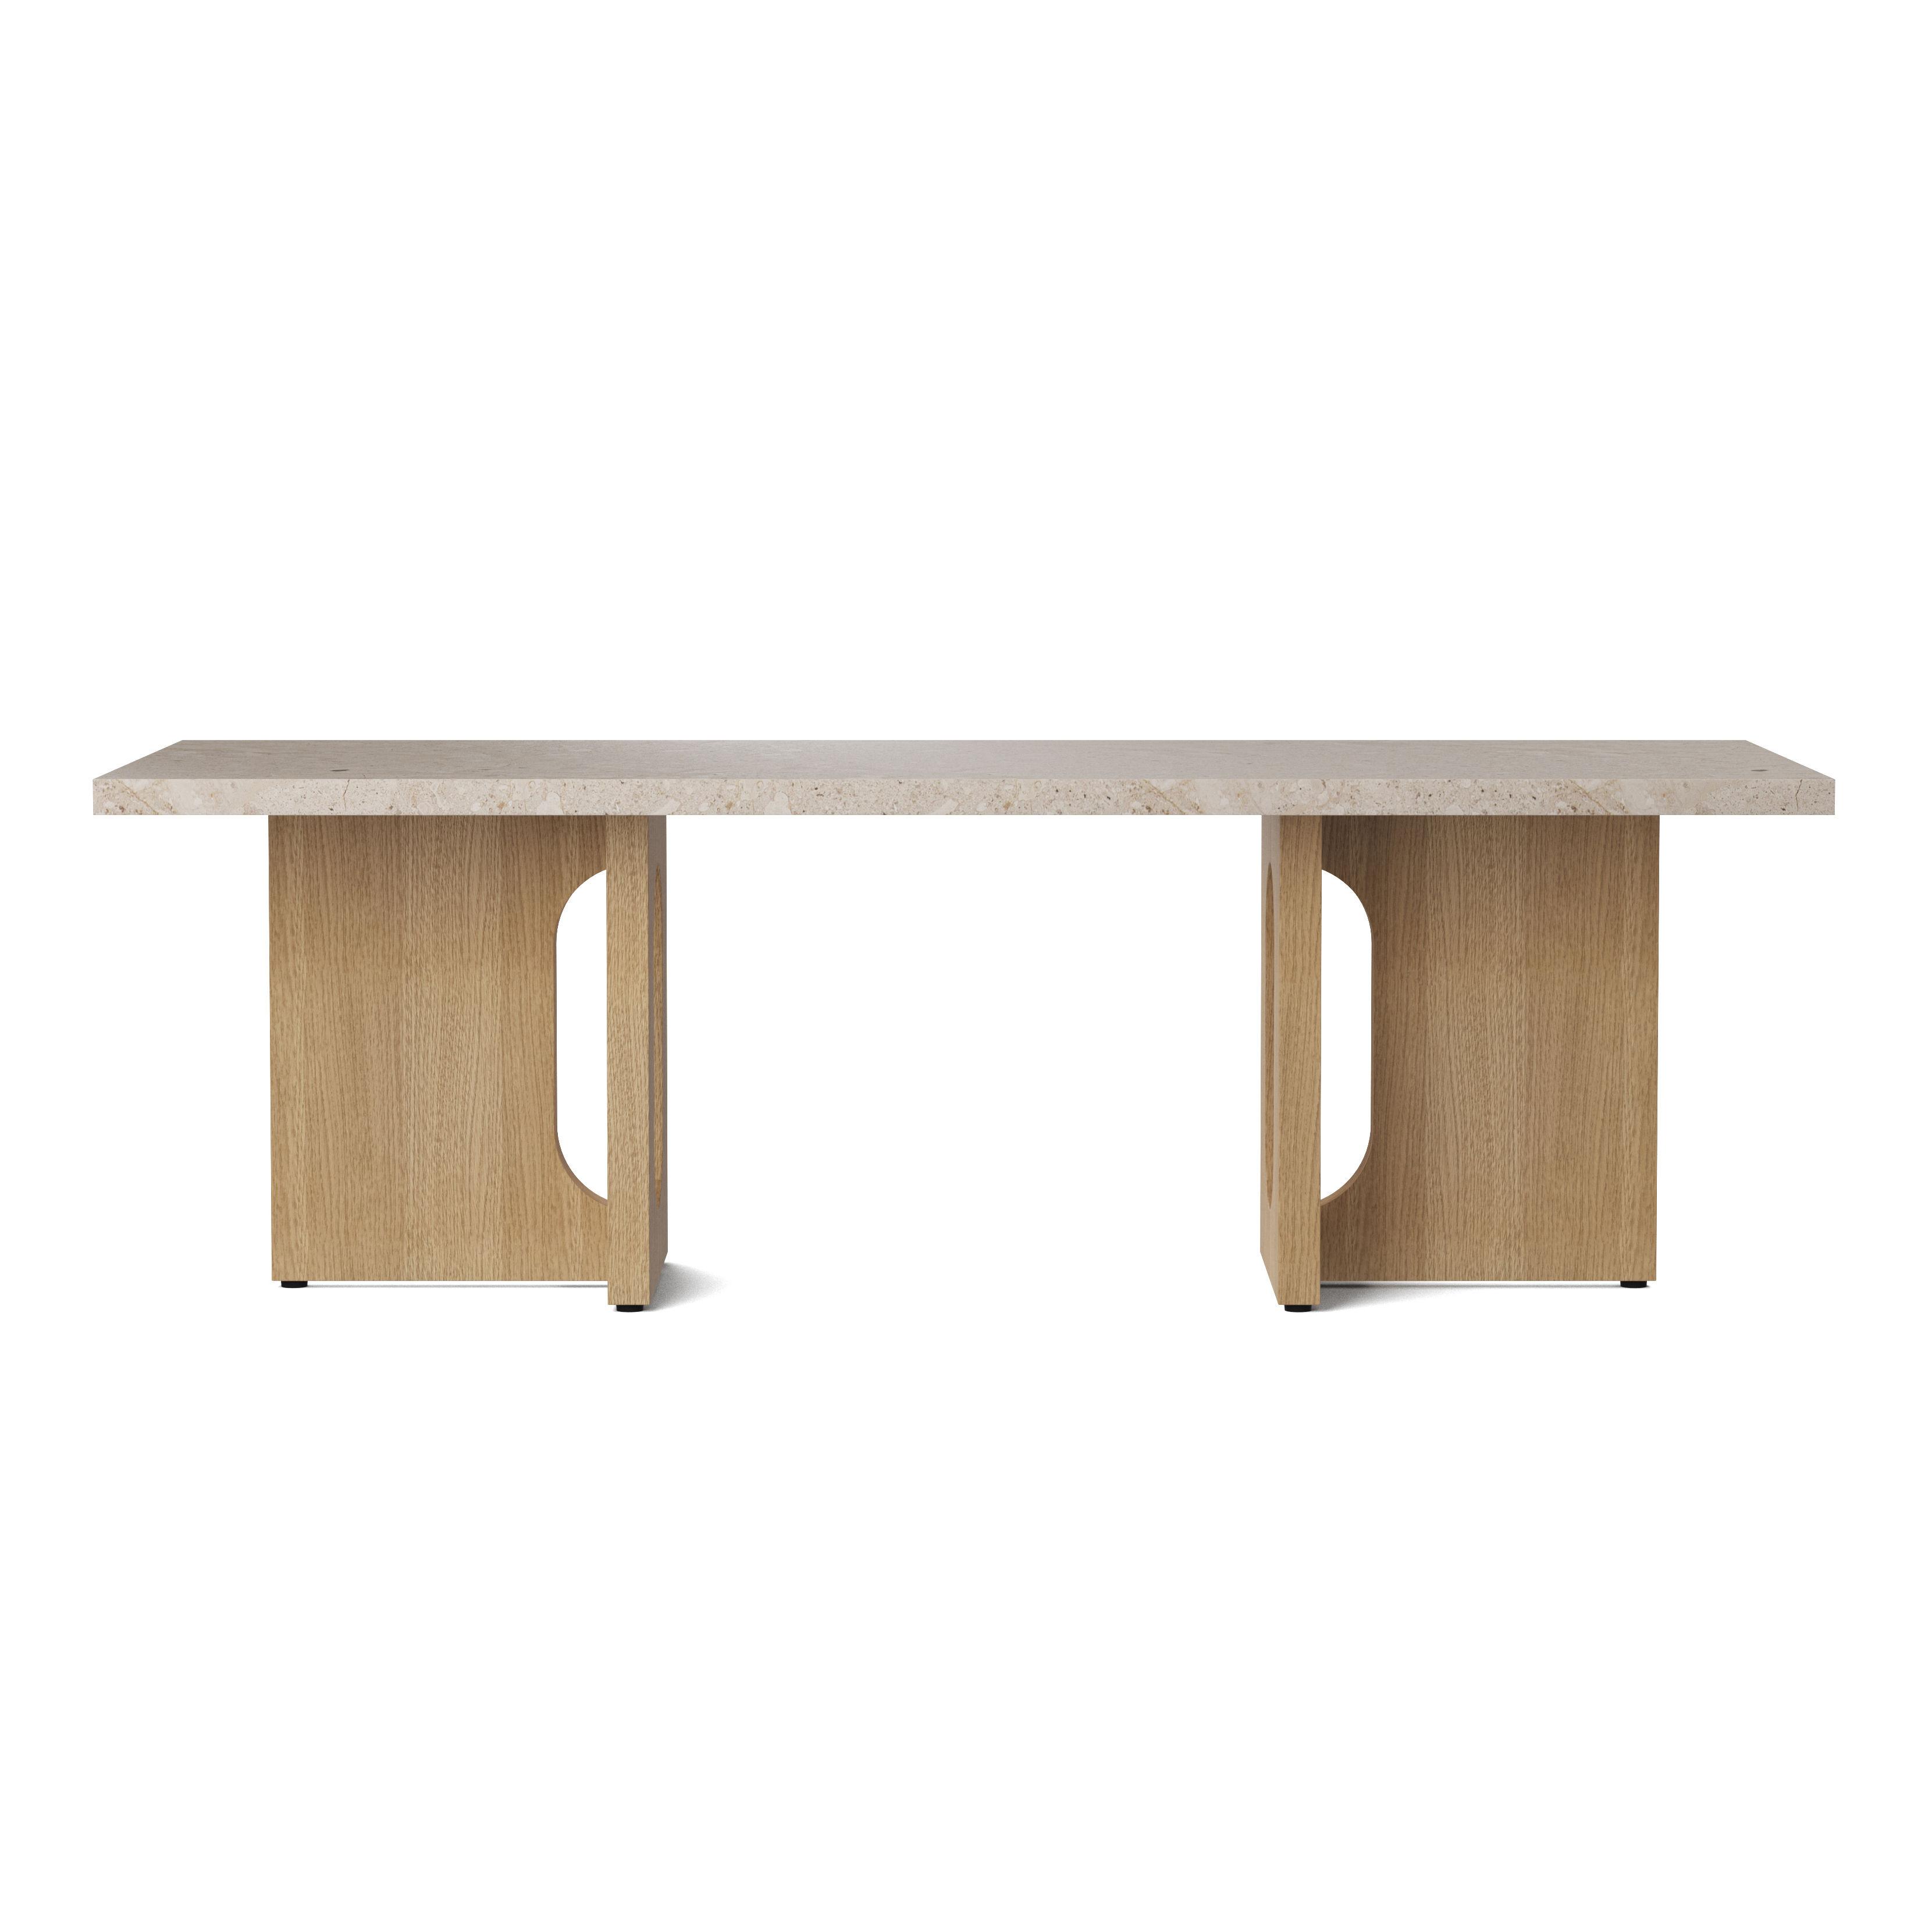 Tavolino Androgyne Di Menu Beige Legno Naturale Made In Design